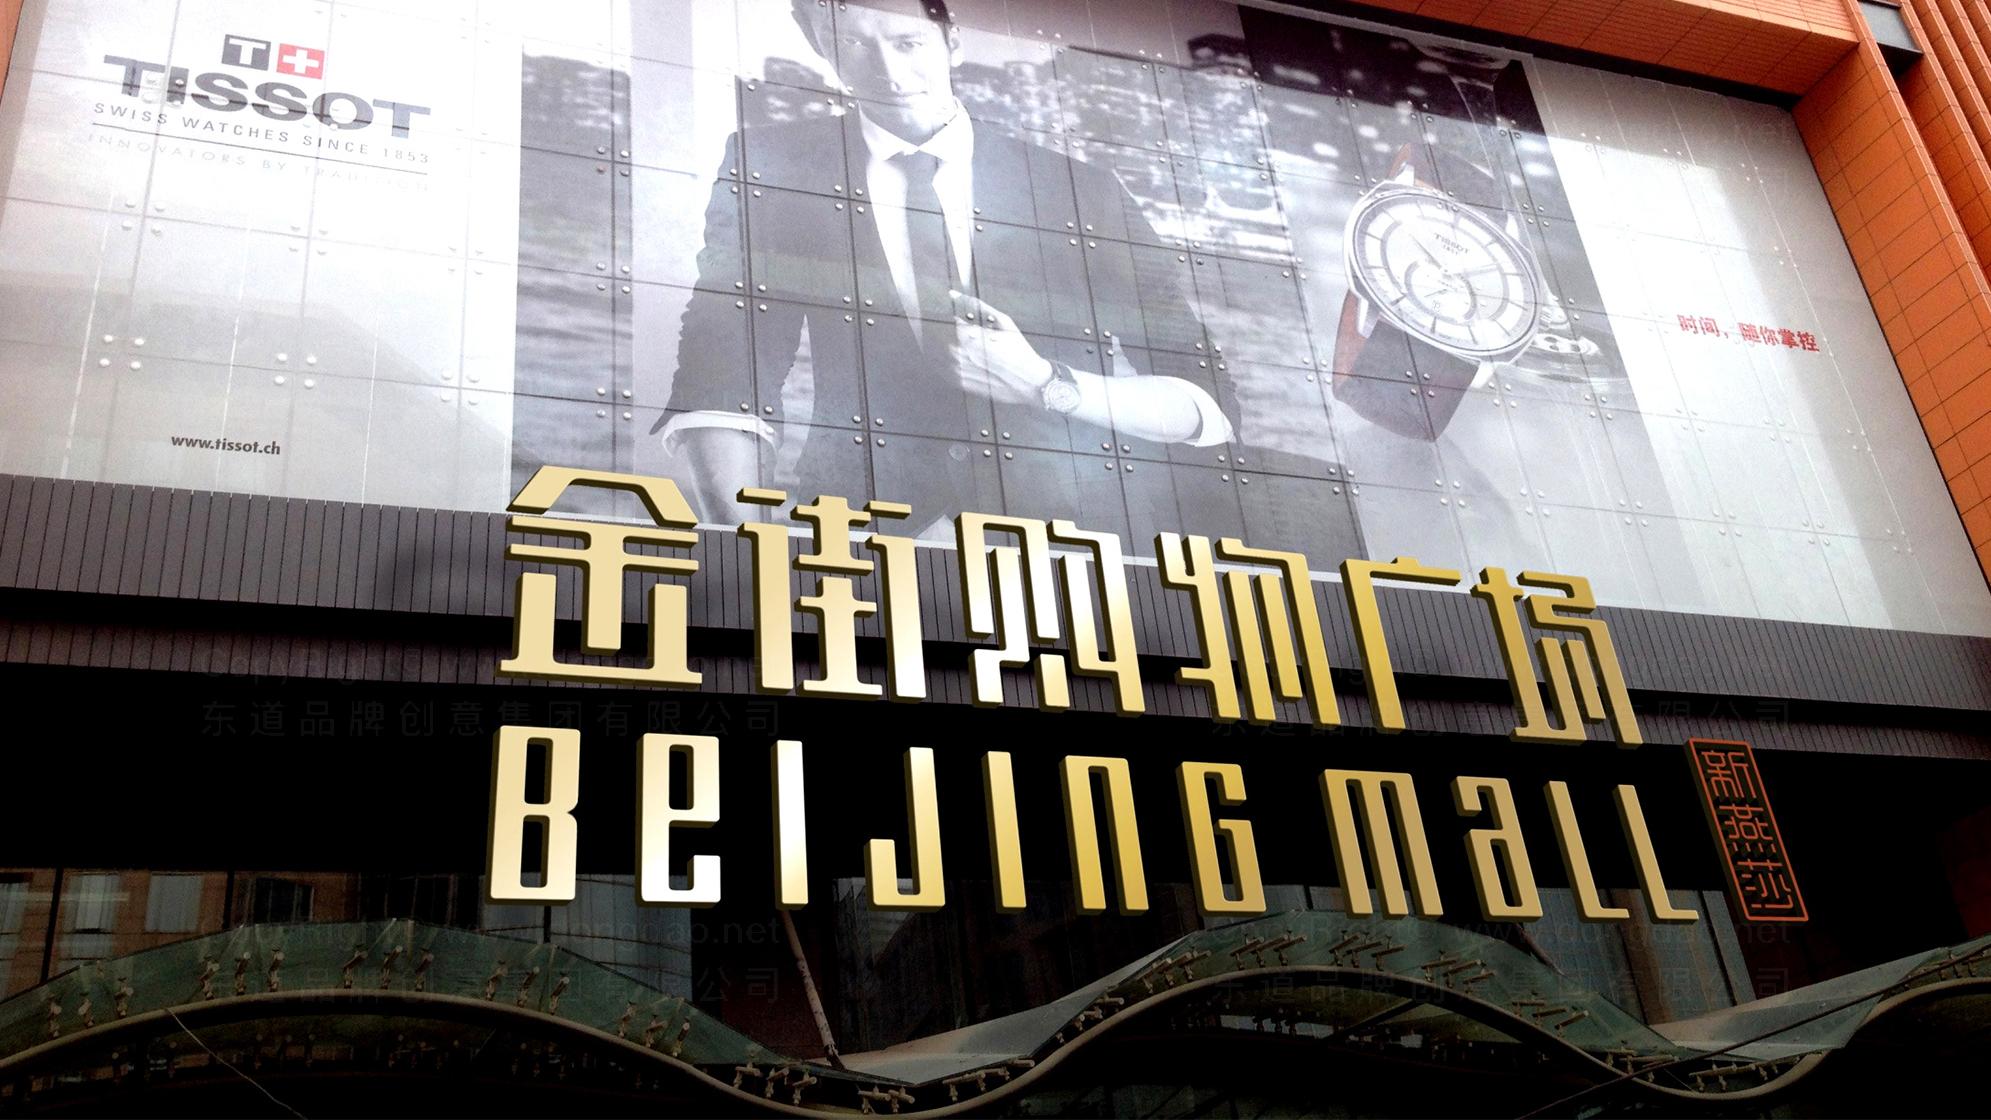 品牌设计新燕莎金街购物广场品牌设计应用场景_4